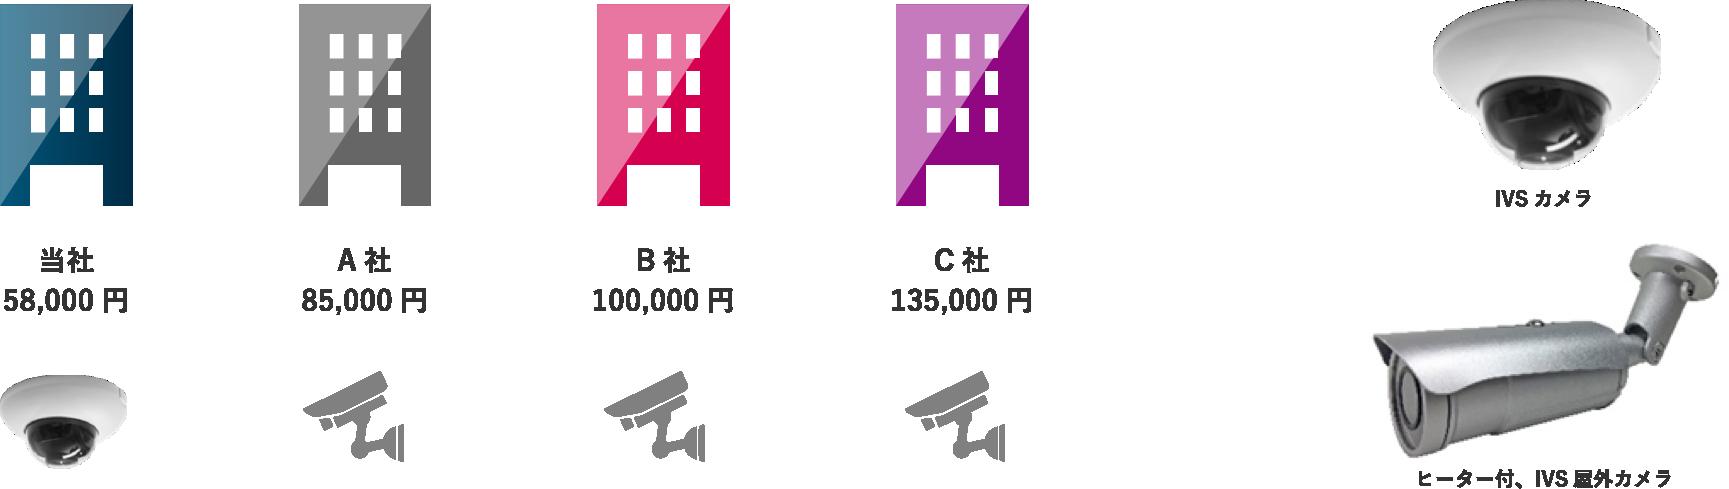 当社IVSカメラと他社IVSカメラとの価格比較